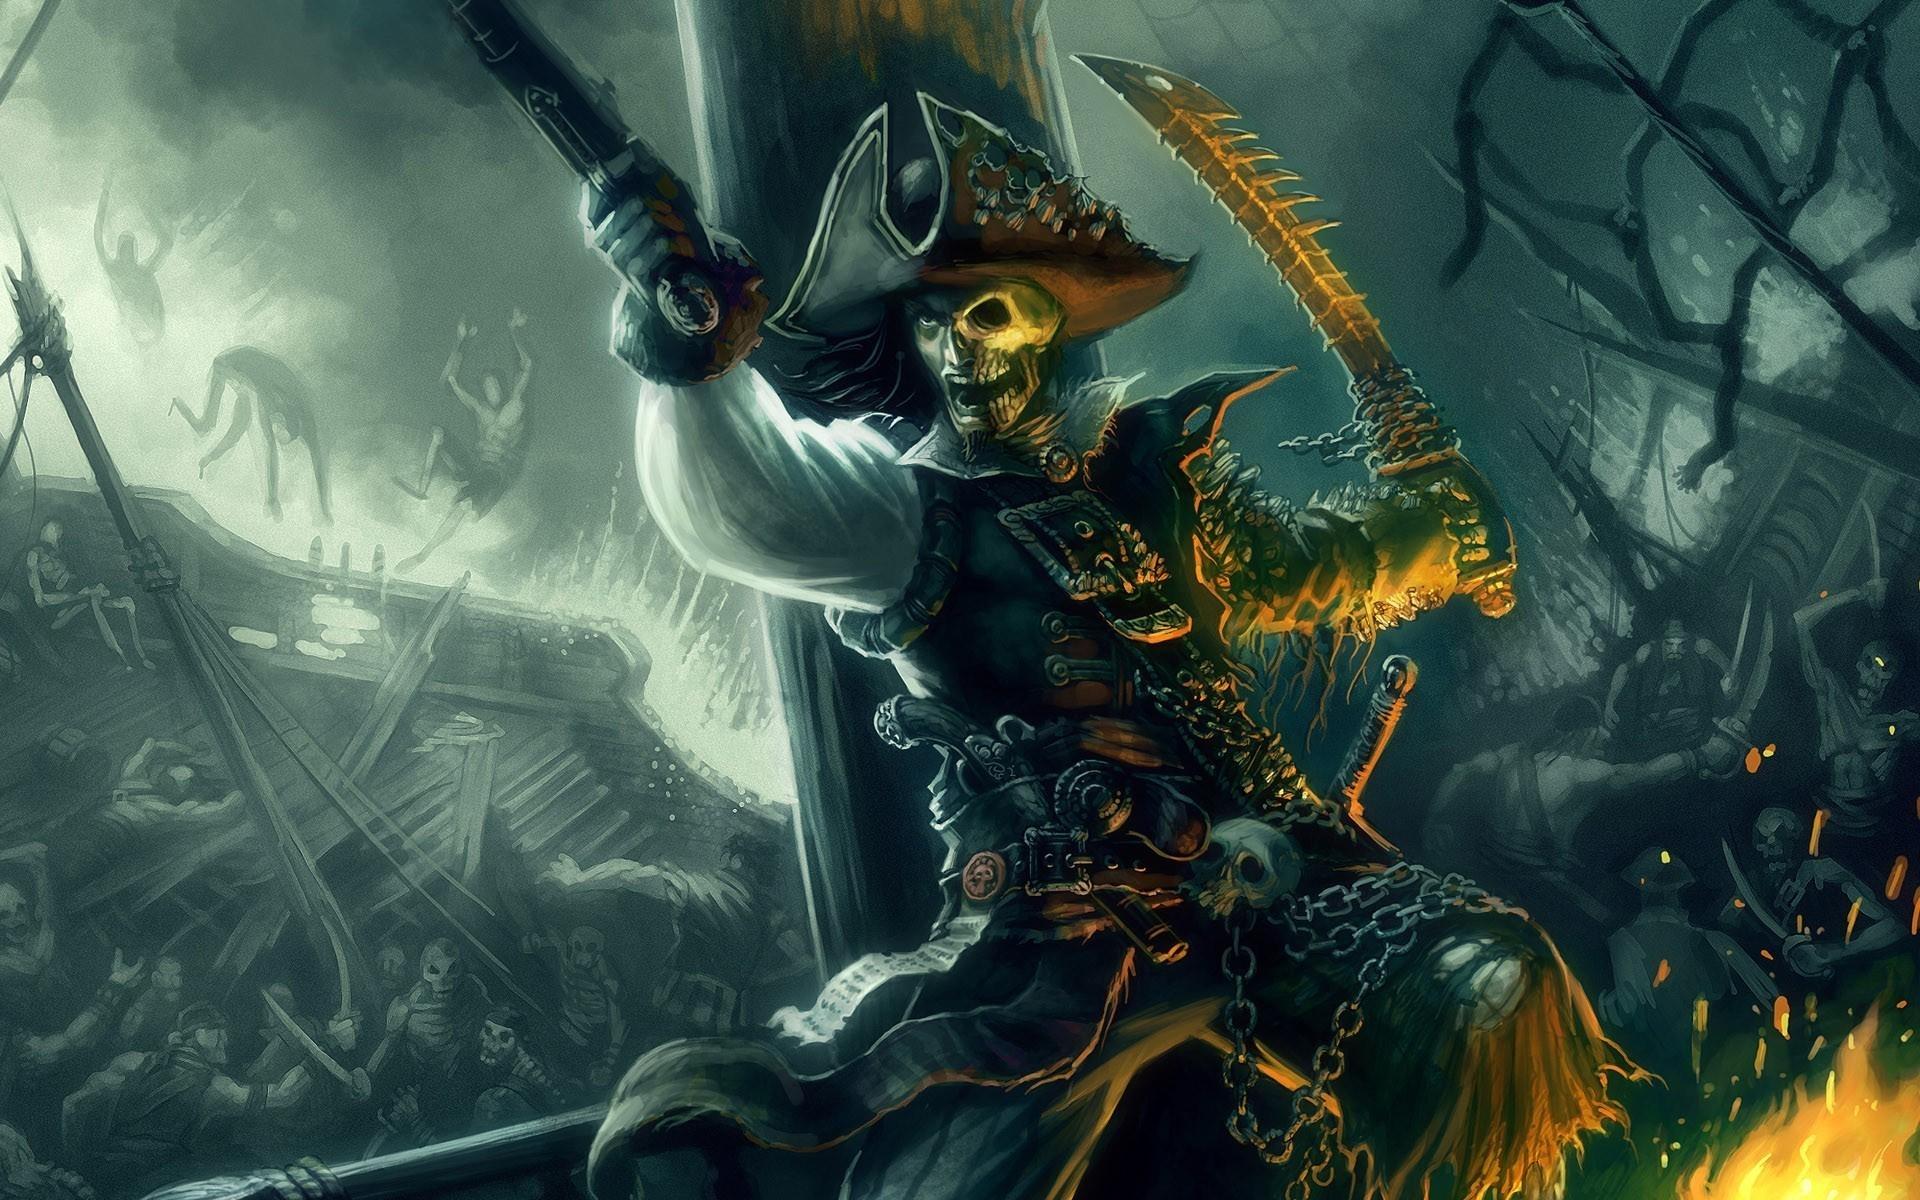 картинки море скелеты под каждым